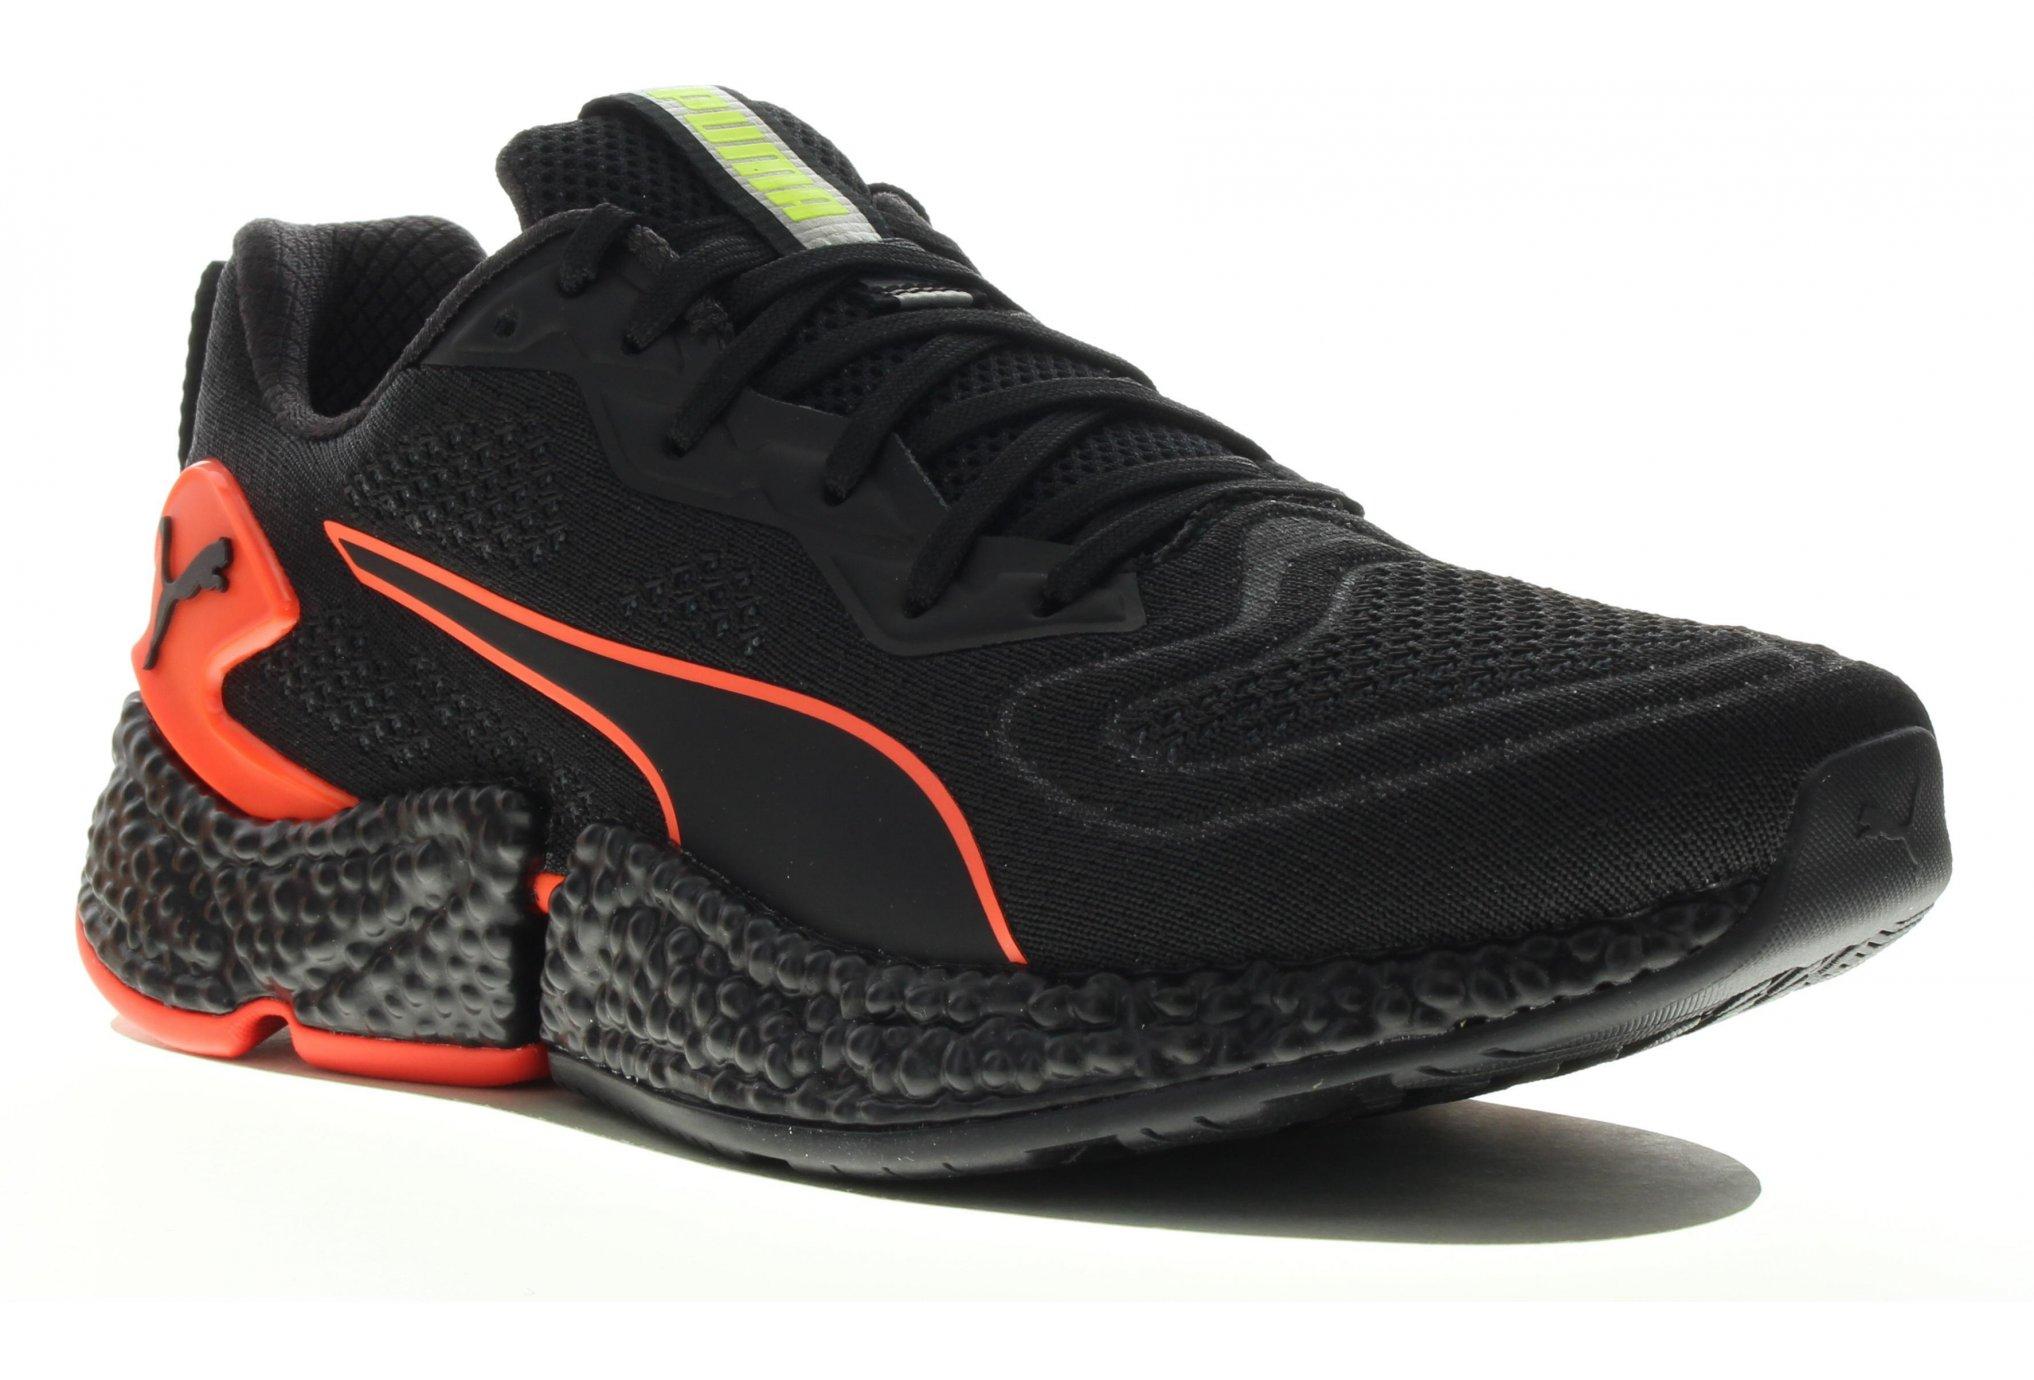 Puma Speed Orbiter M Chaussures homme